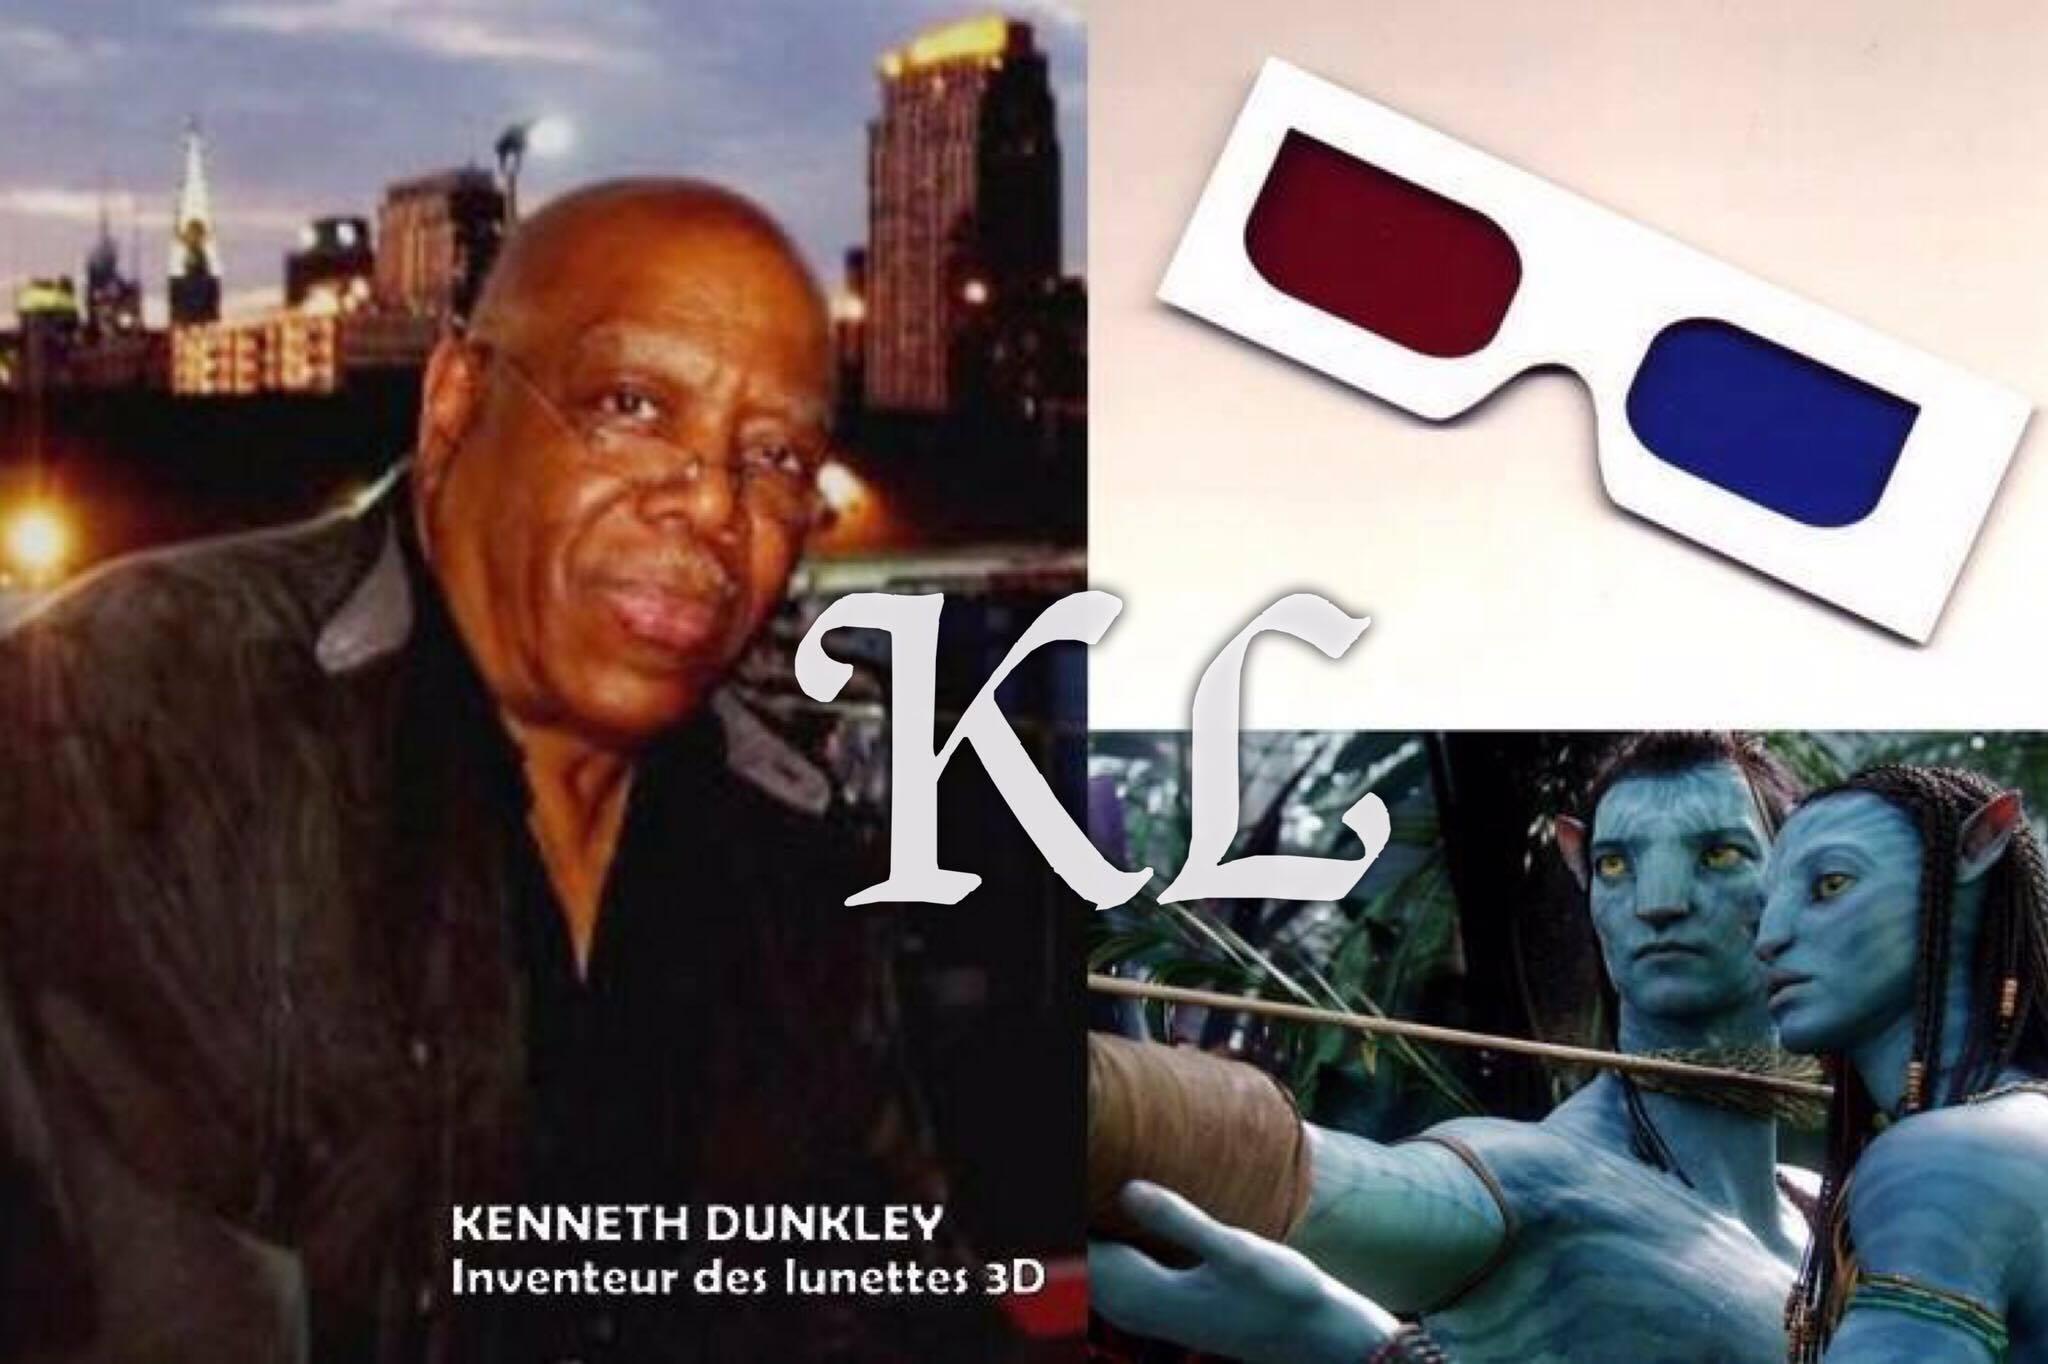 Kenneth Dunkley, inventeur des lunettes 3D